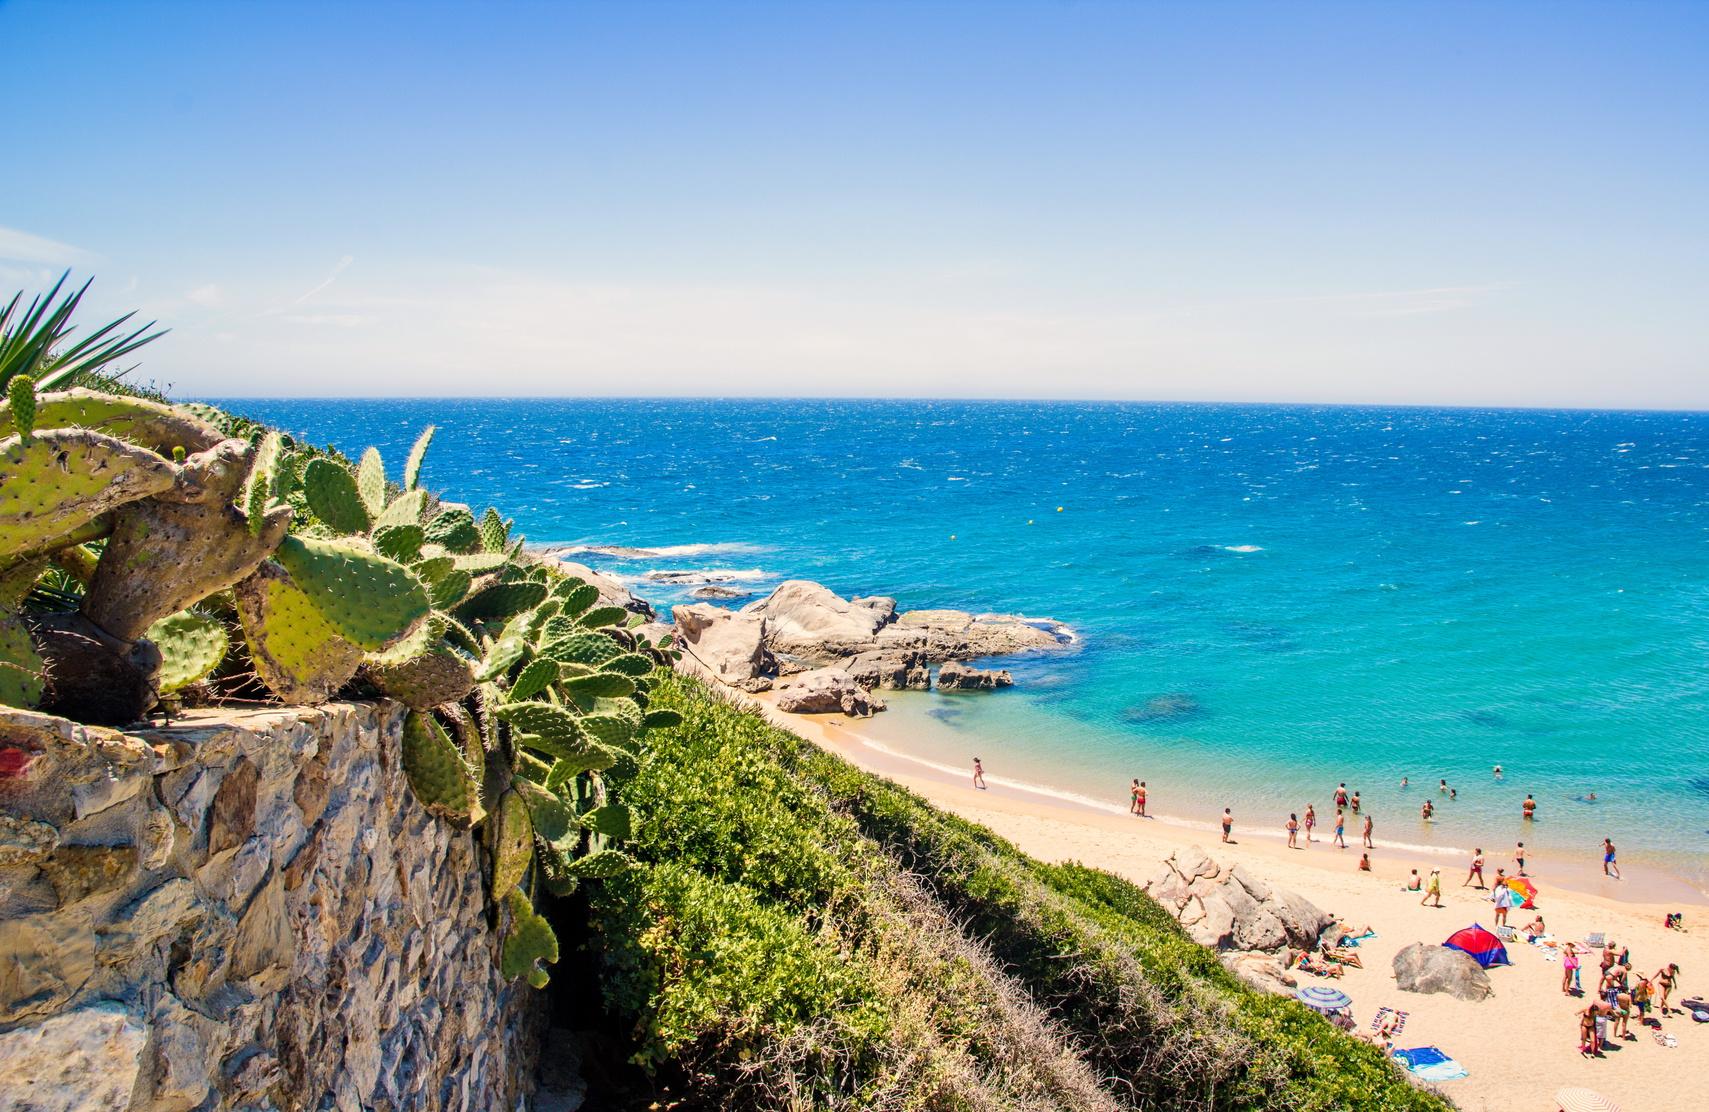 Wyspy Kanaryjskie – wczasy, wakacje i więcej!